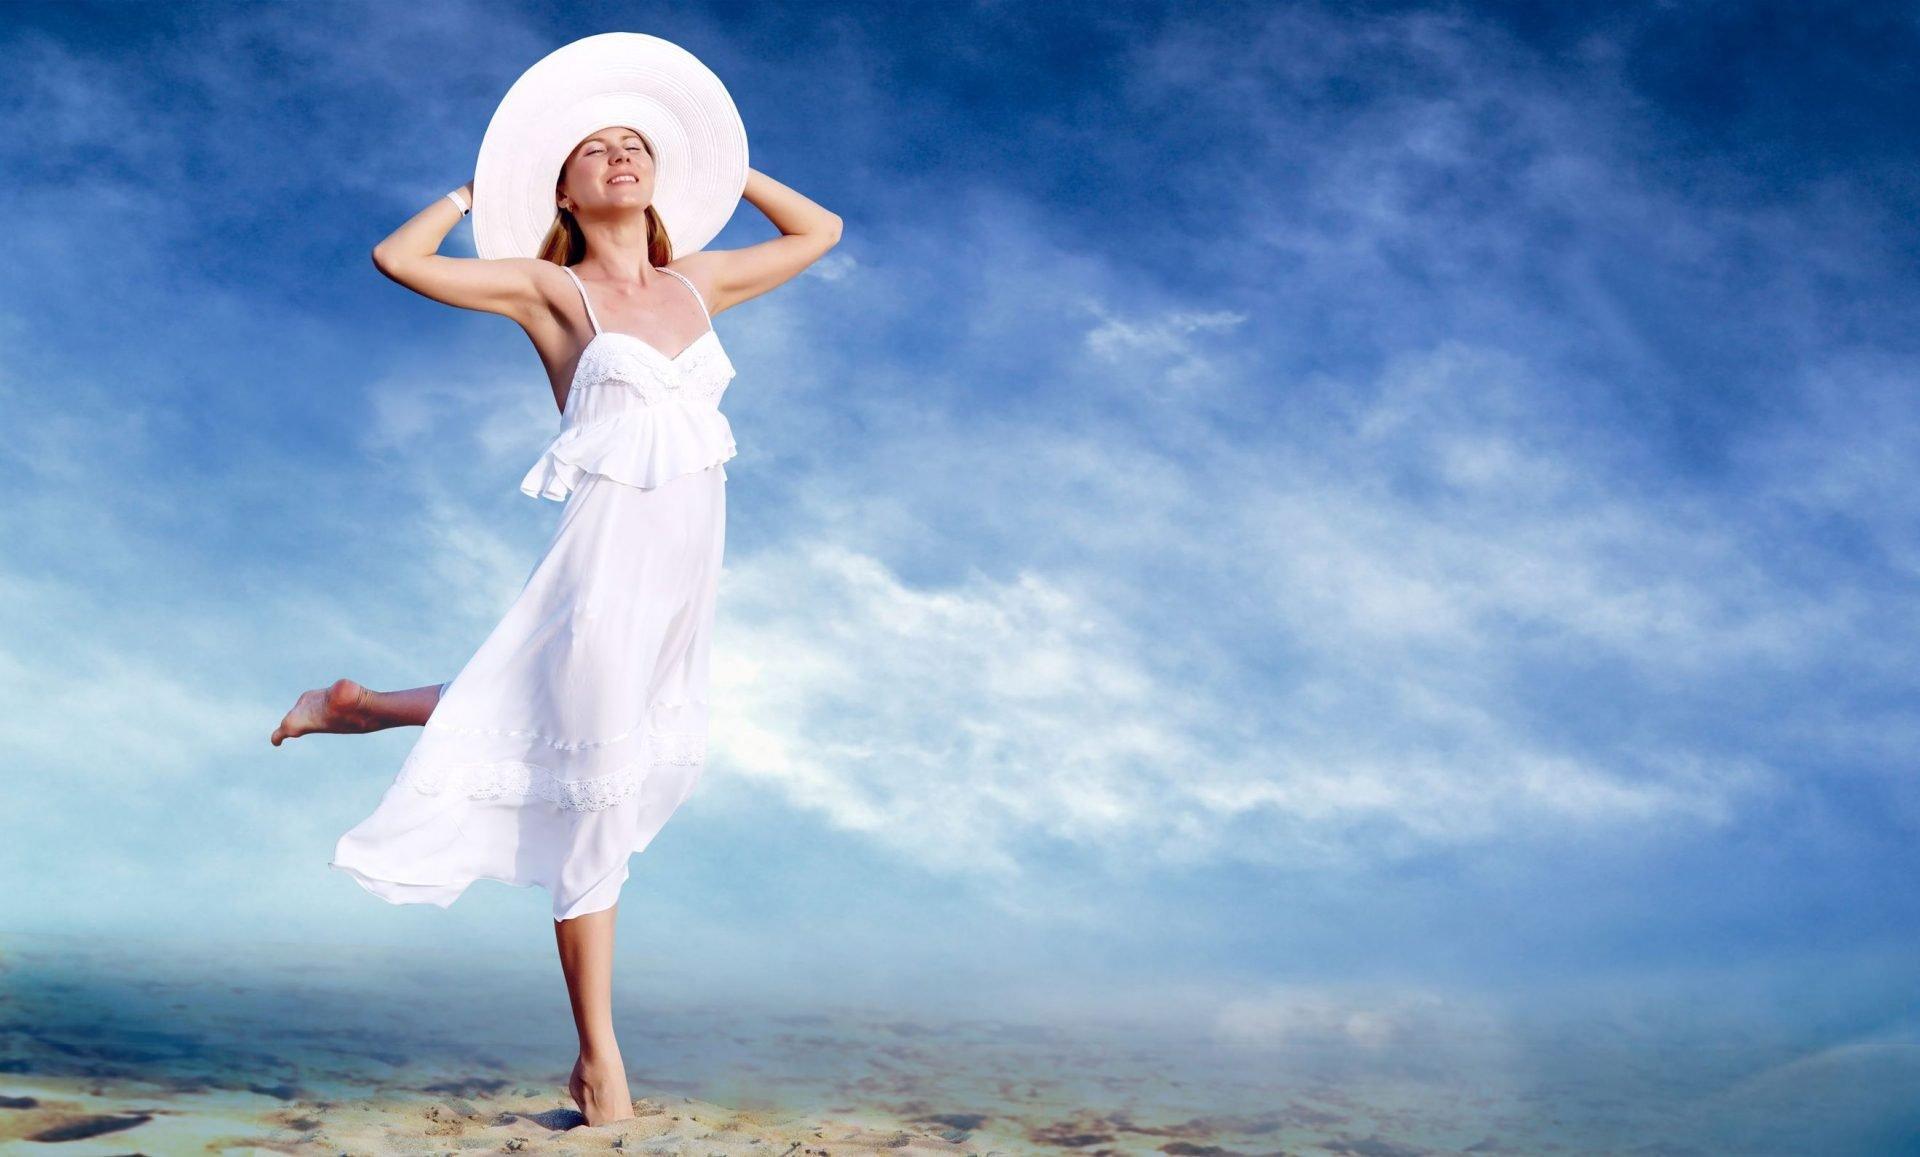 Живот - генератор энергии женщины